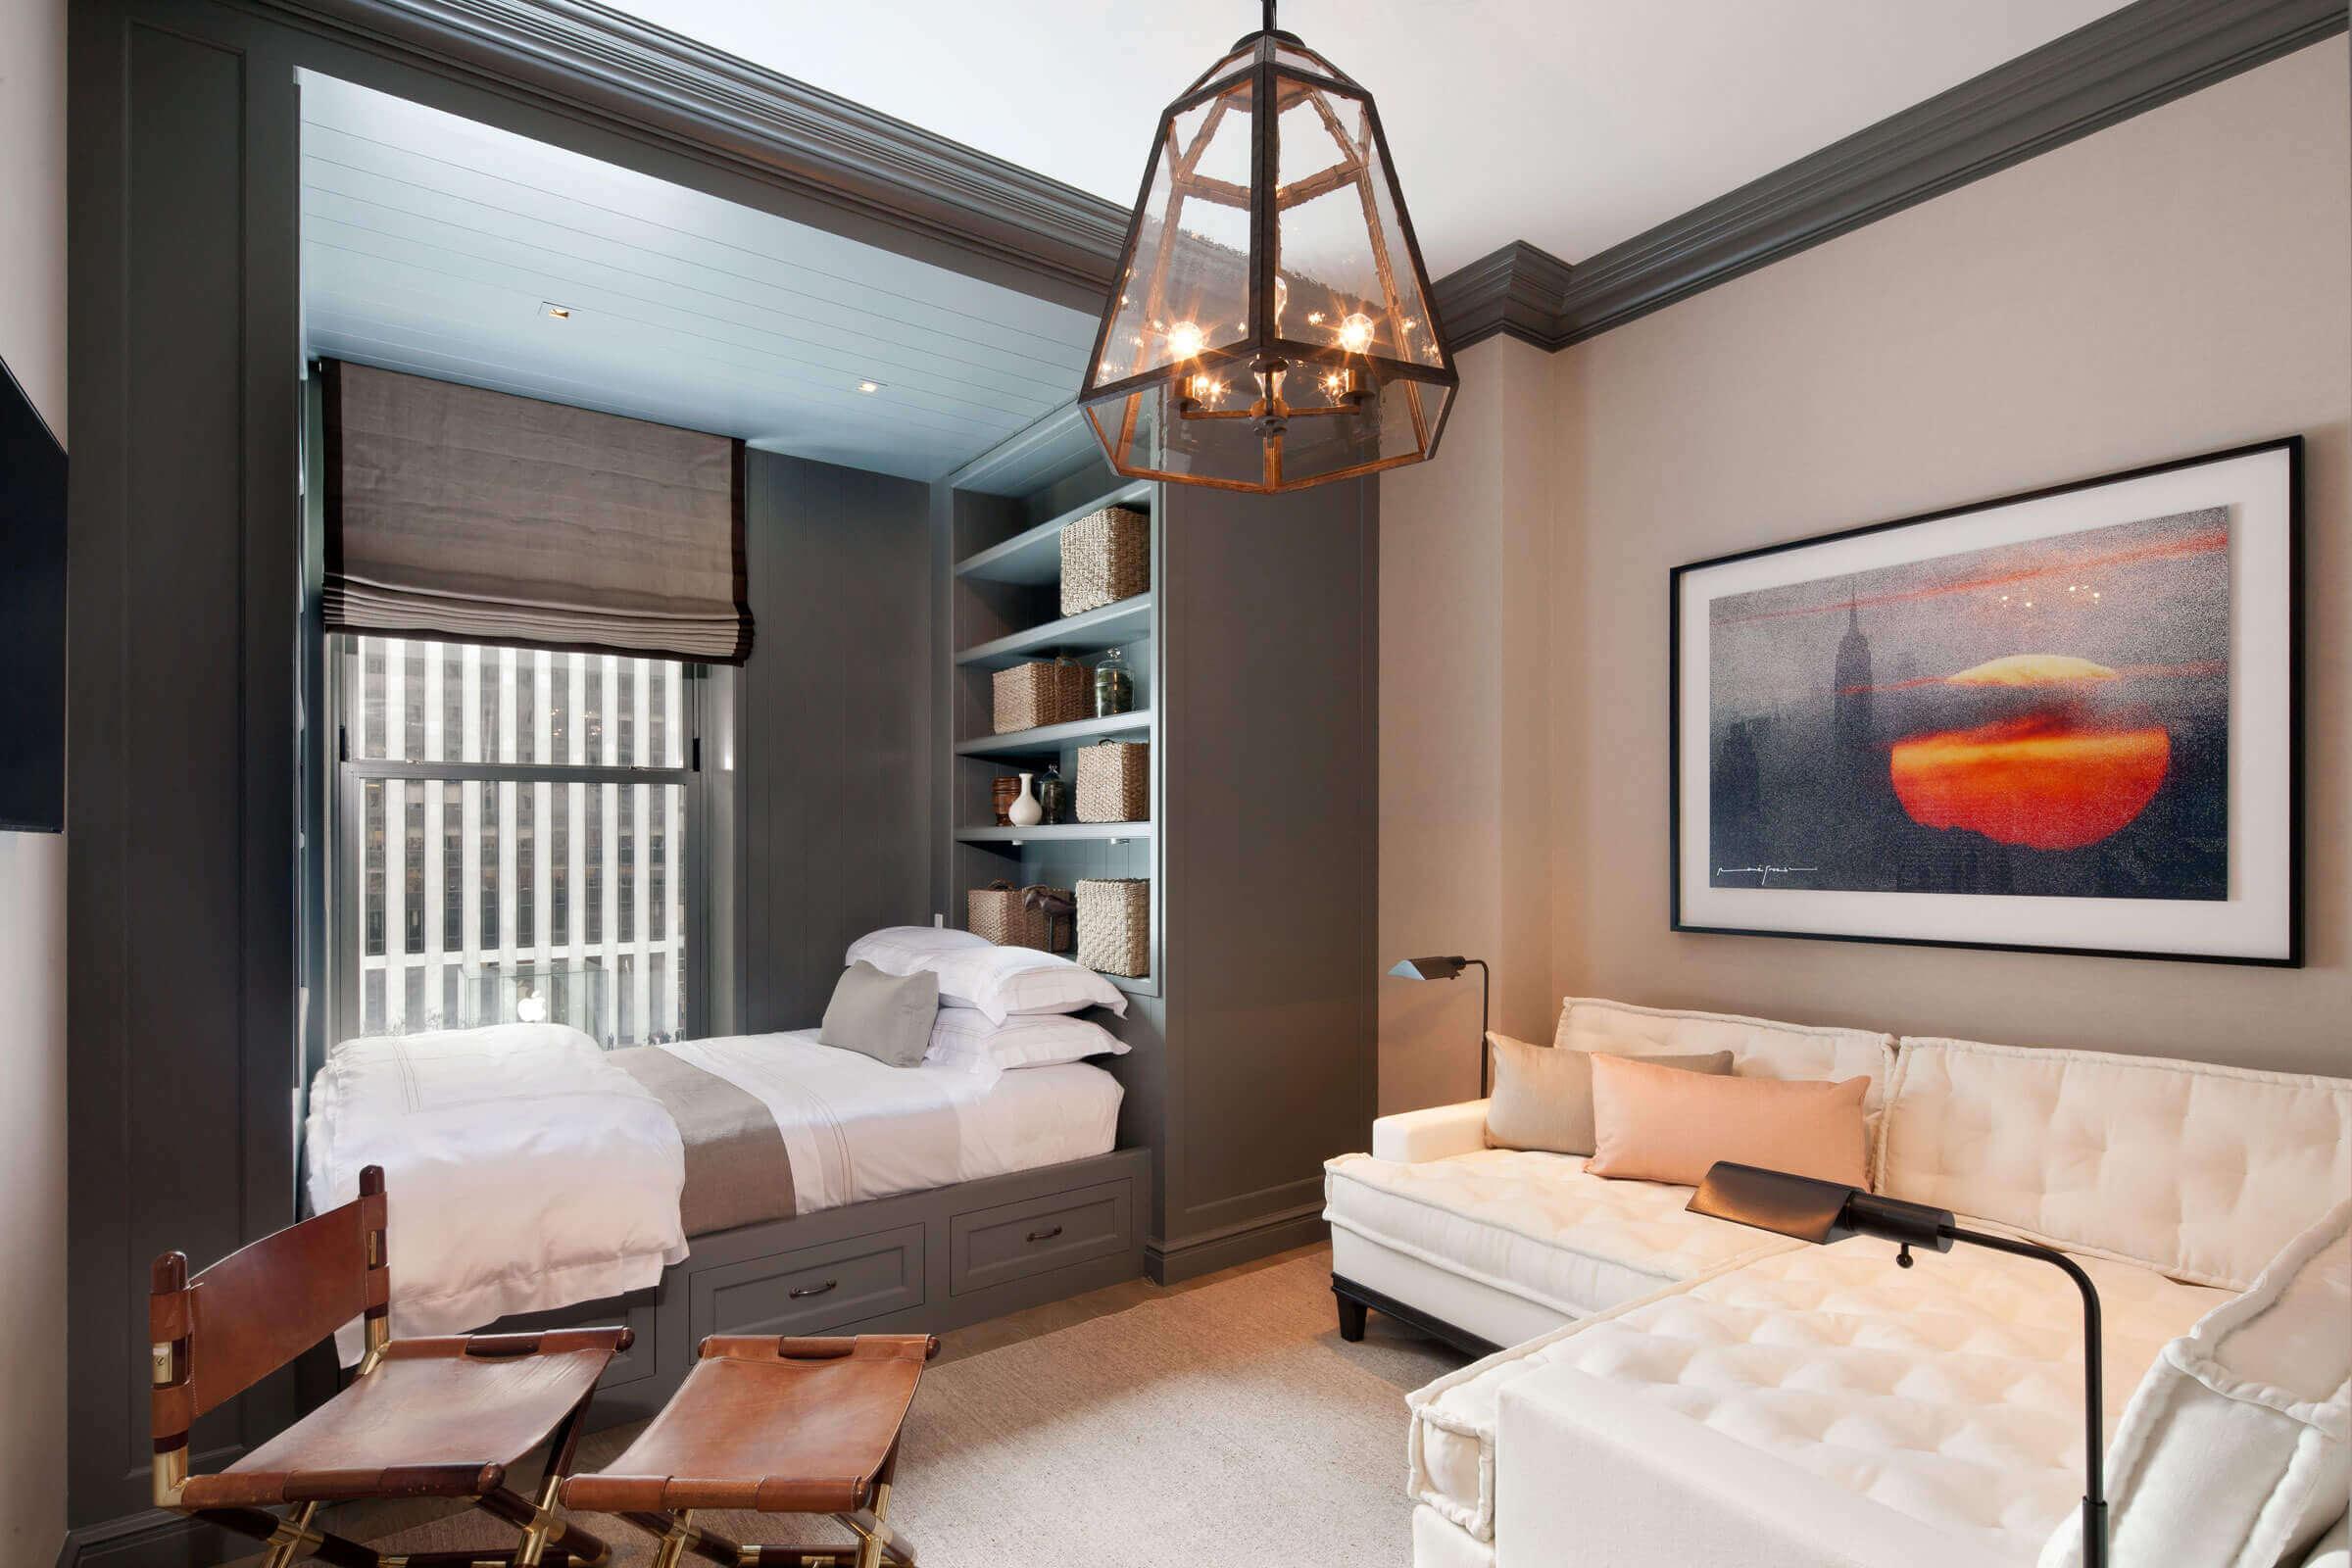 Квартира в стиле хай-тек: 85 идей дизайна